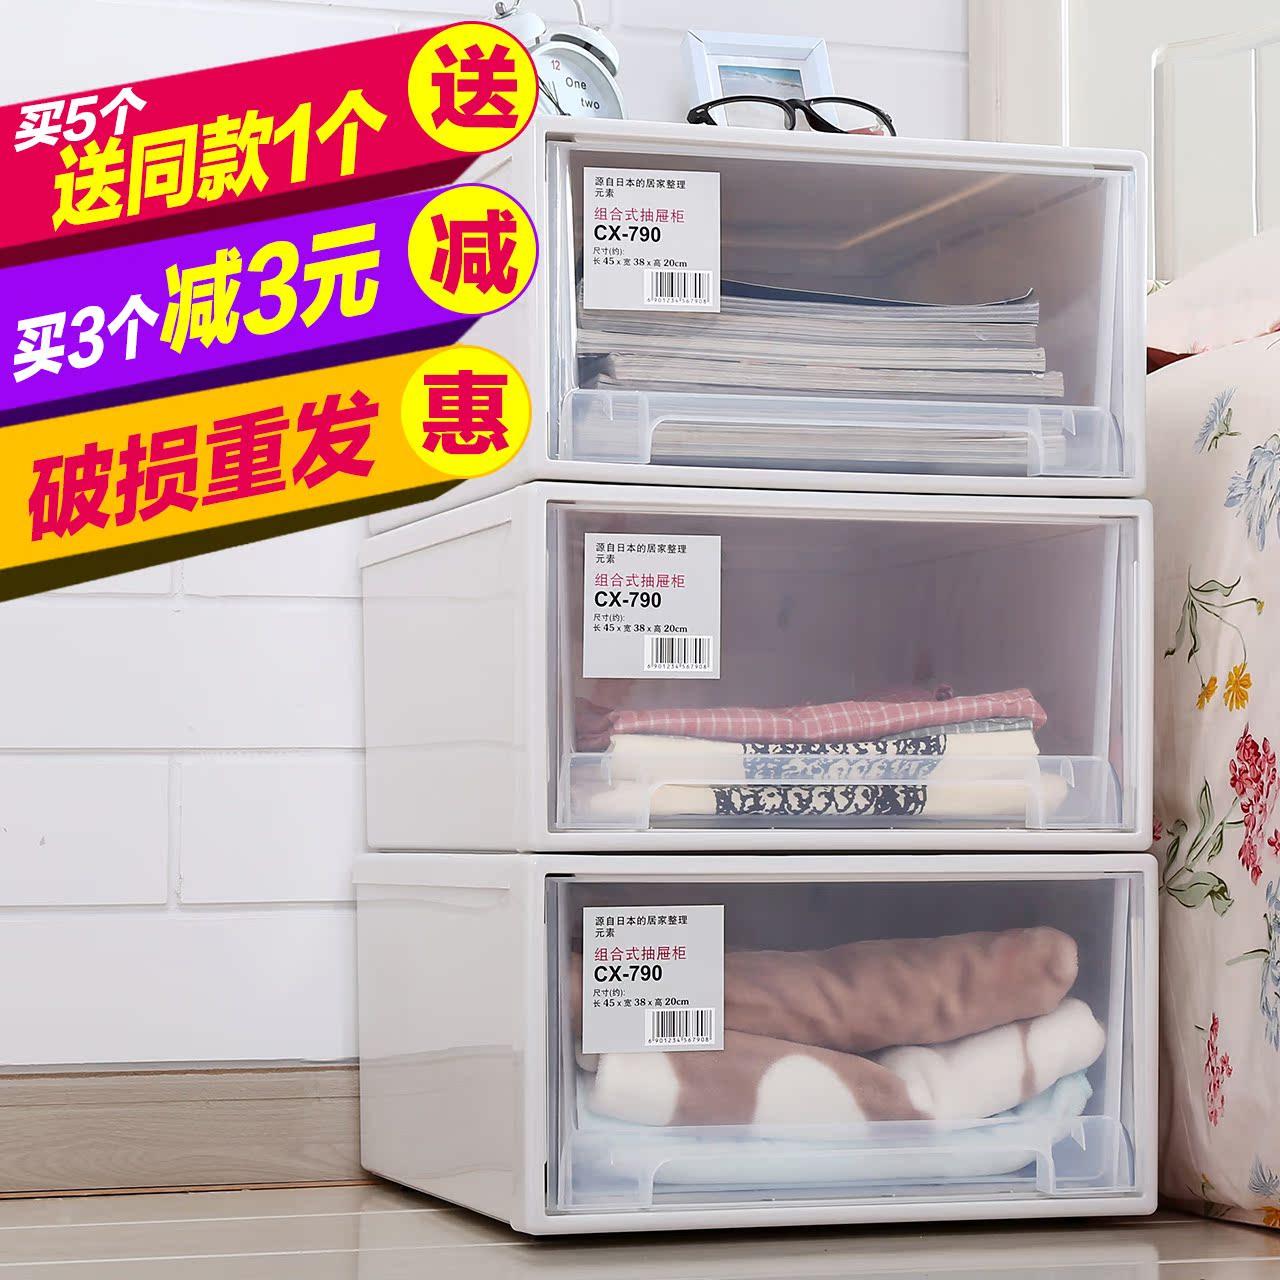 甘香屋抽屜式收納櫃透明收納箱塑料收納盒整理櫃大小號箱子儲物櫃